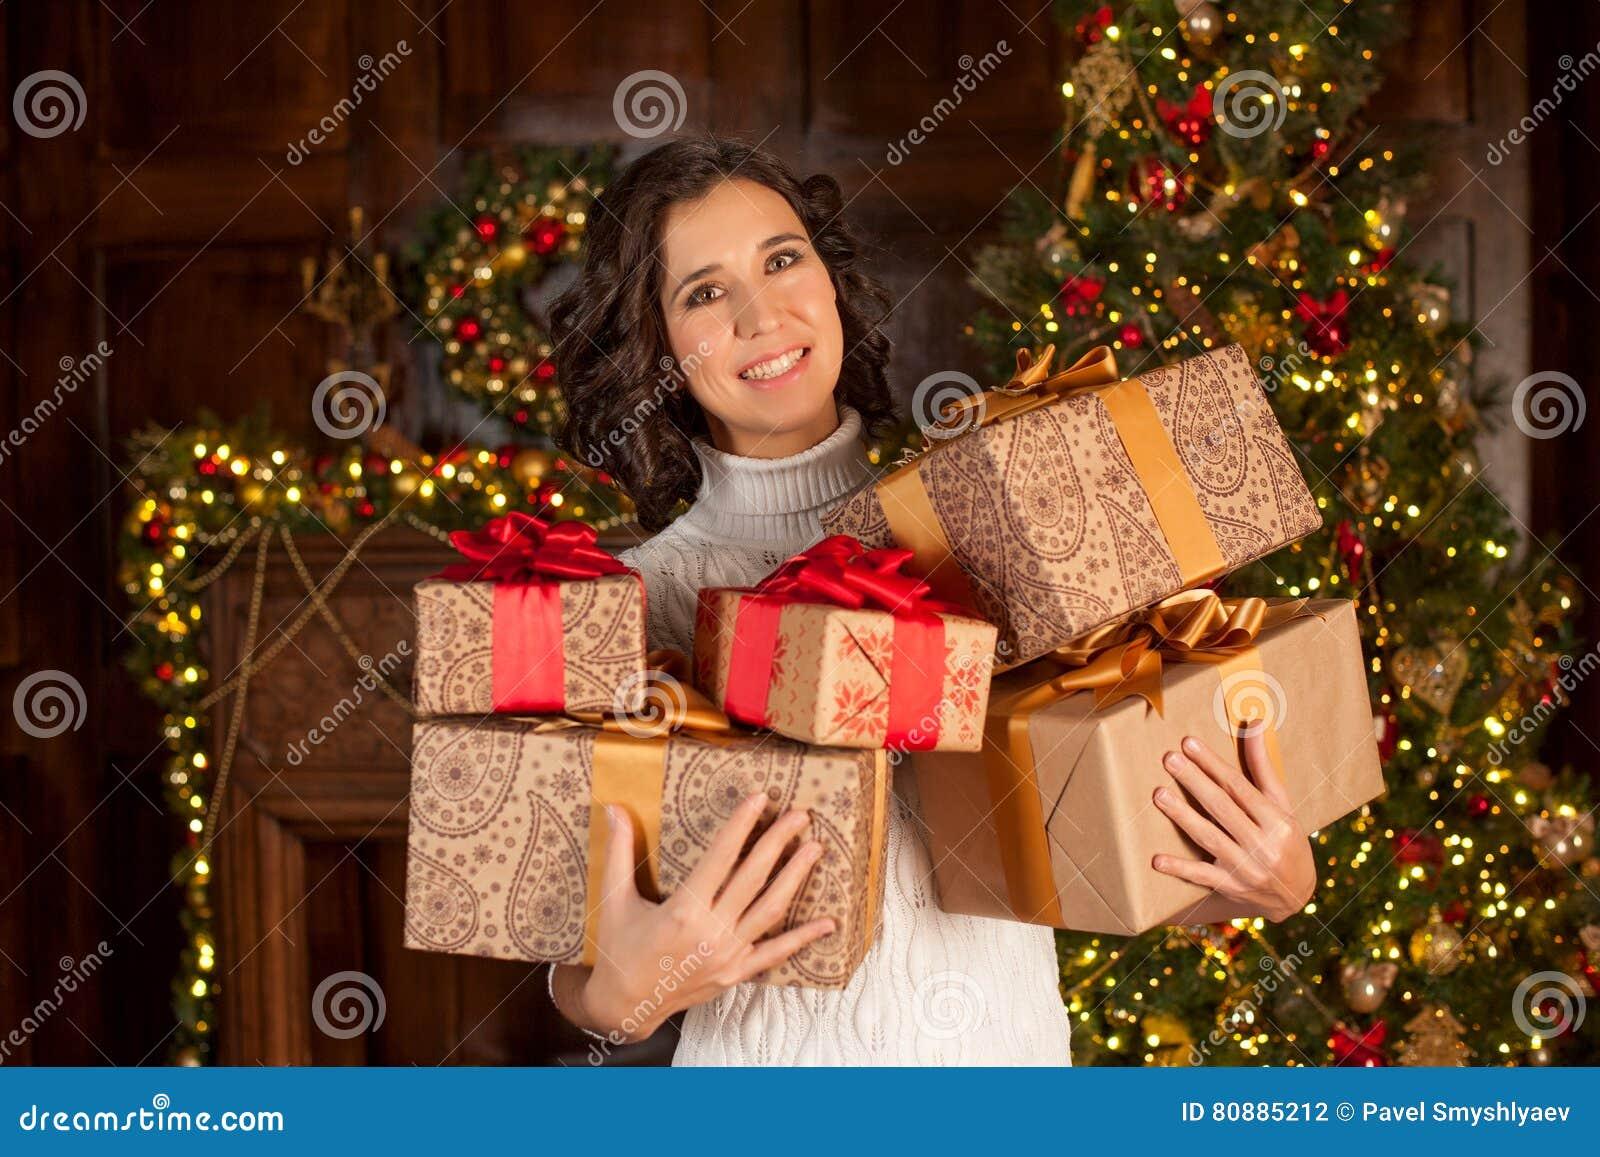 Glückliches Mädchen Hält Viele Weihnachtsgeschenke Stockfoto - Bild ...